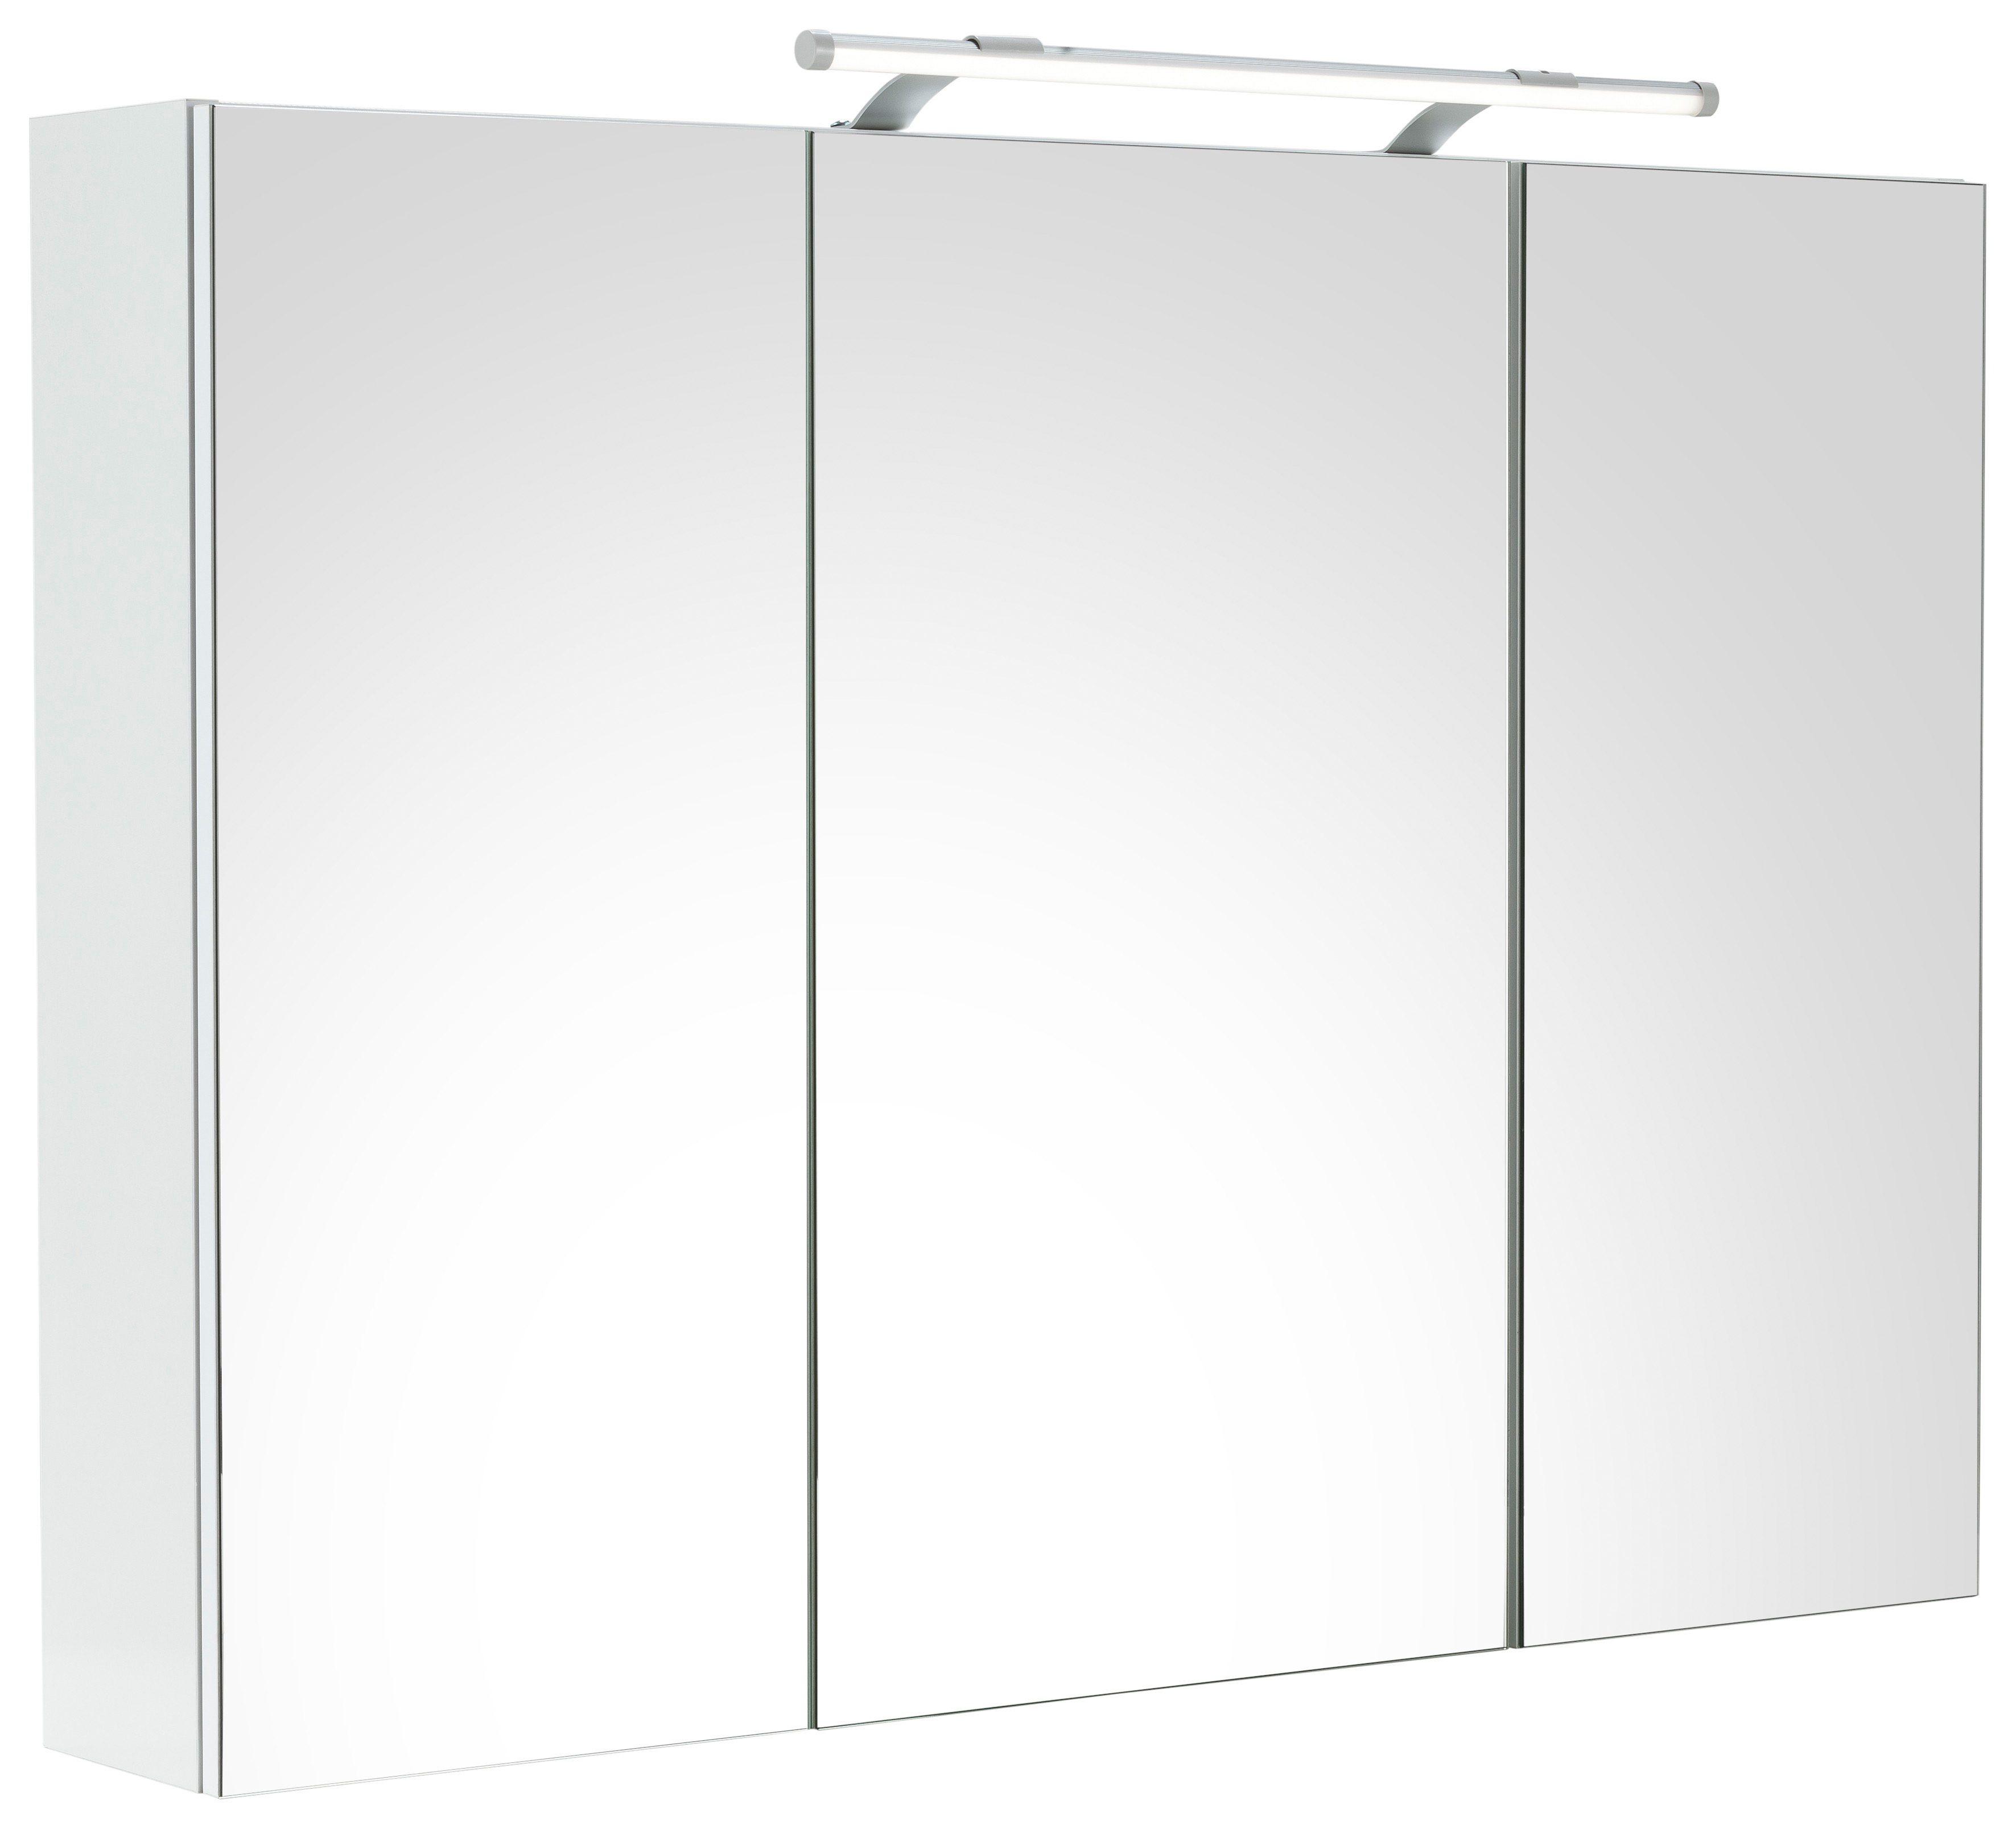 Komplett Neu Spiegelschrank online kaufen » Viele Modelle | OTTO HQ09